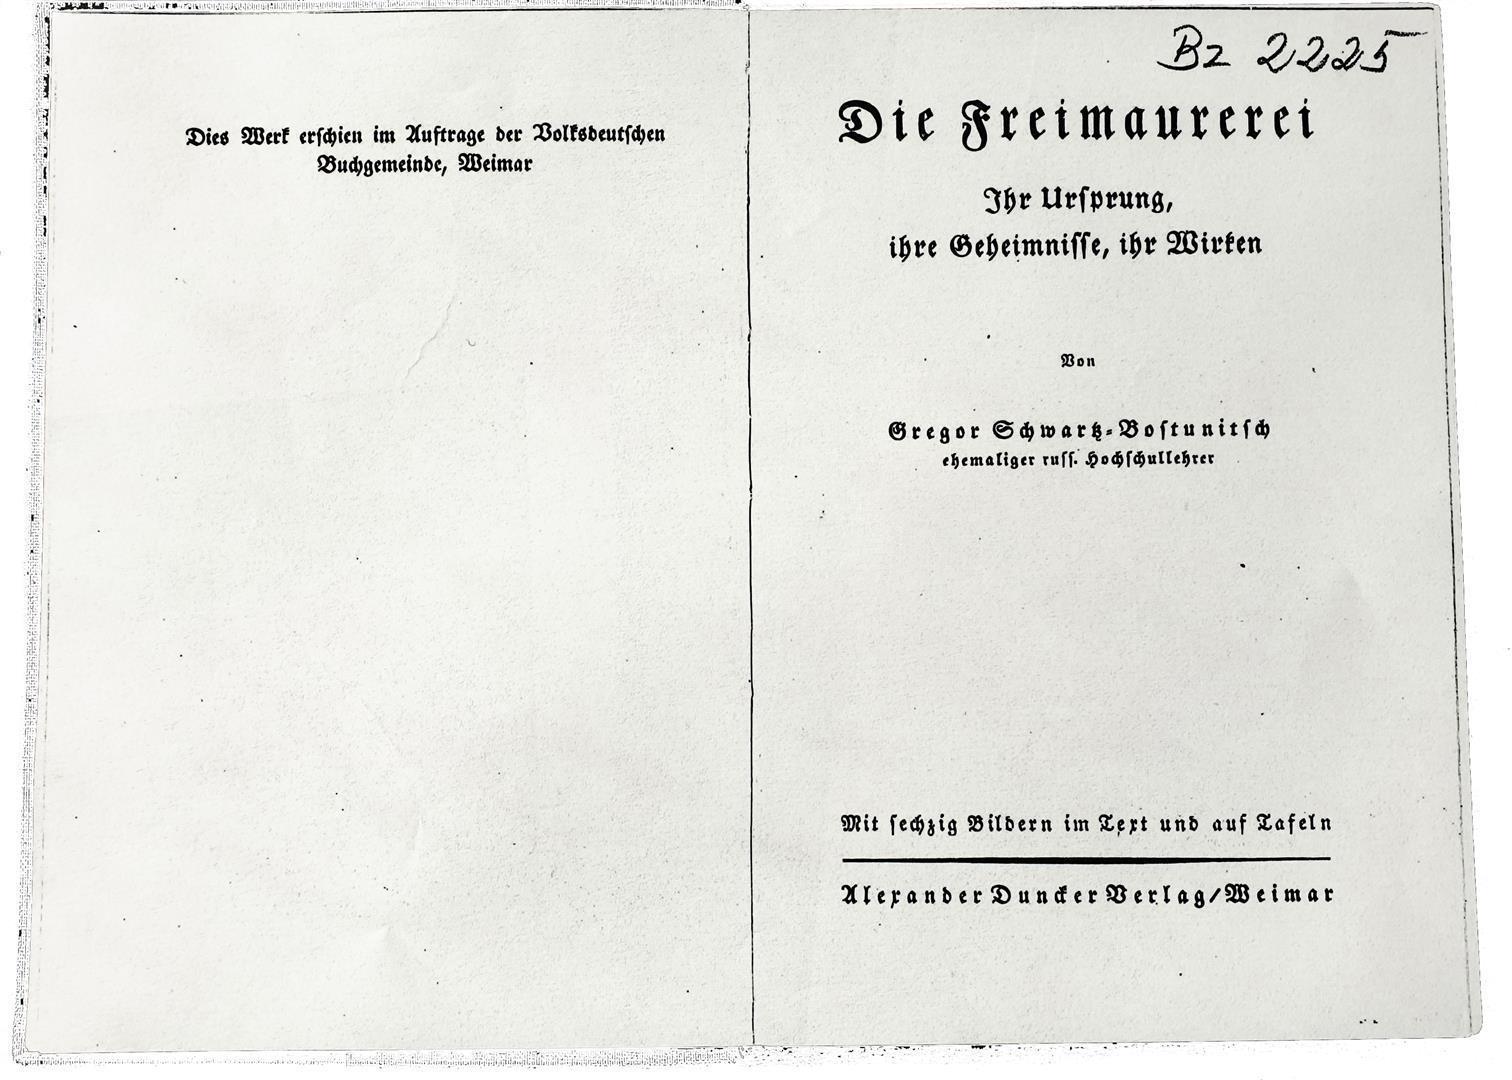 Gregor Schwartz-Bostunitsch,  Die Freimaurerei - Ihr Usprung, ihre Geheimnisse, ihre Wirkung.